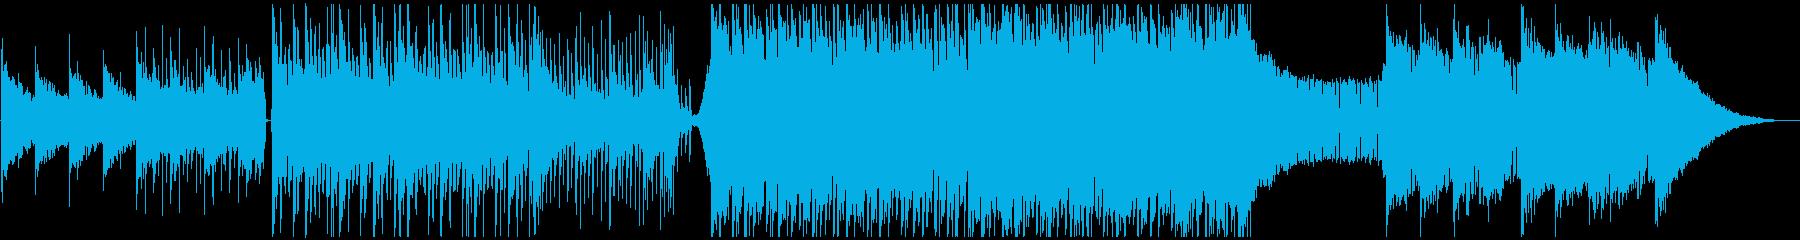 実験的な岩 バックシェイク ポップ...の再生済みの波形